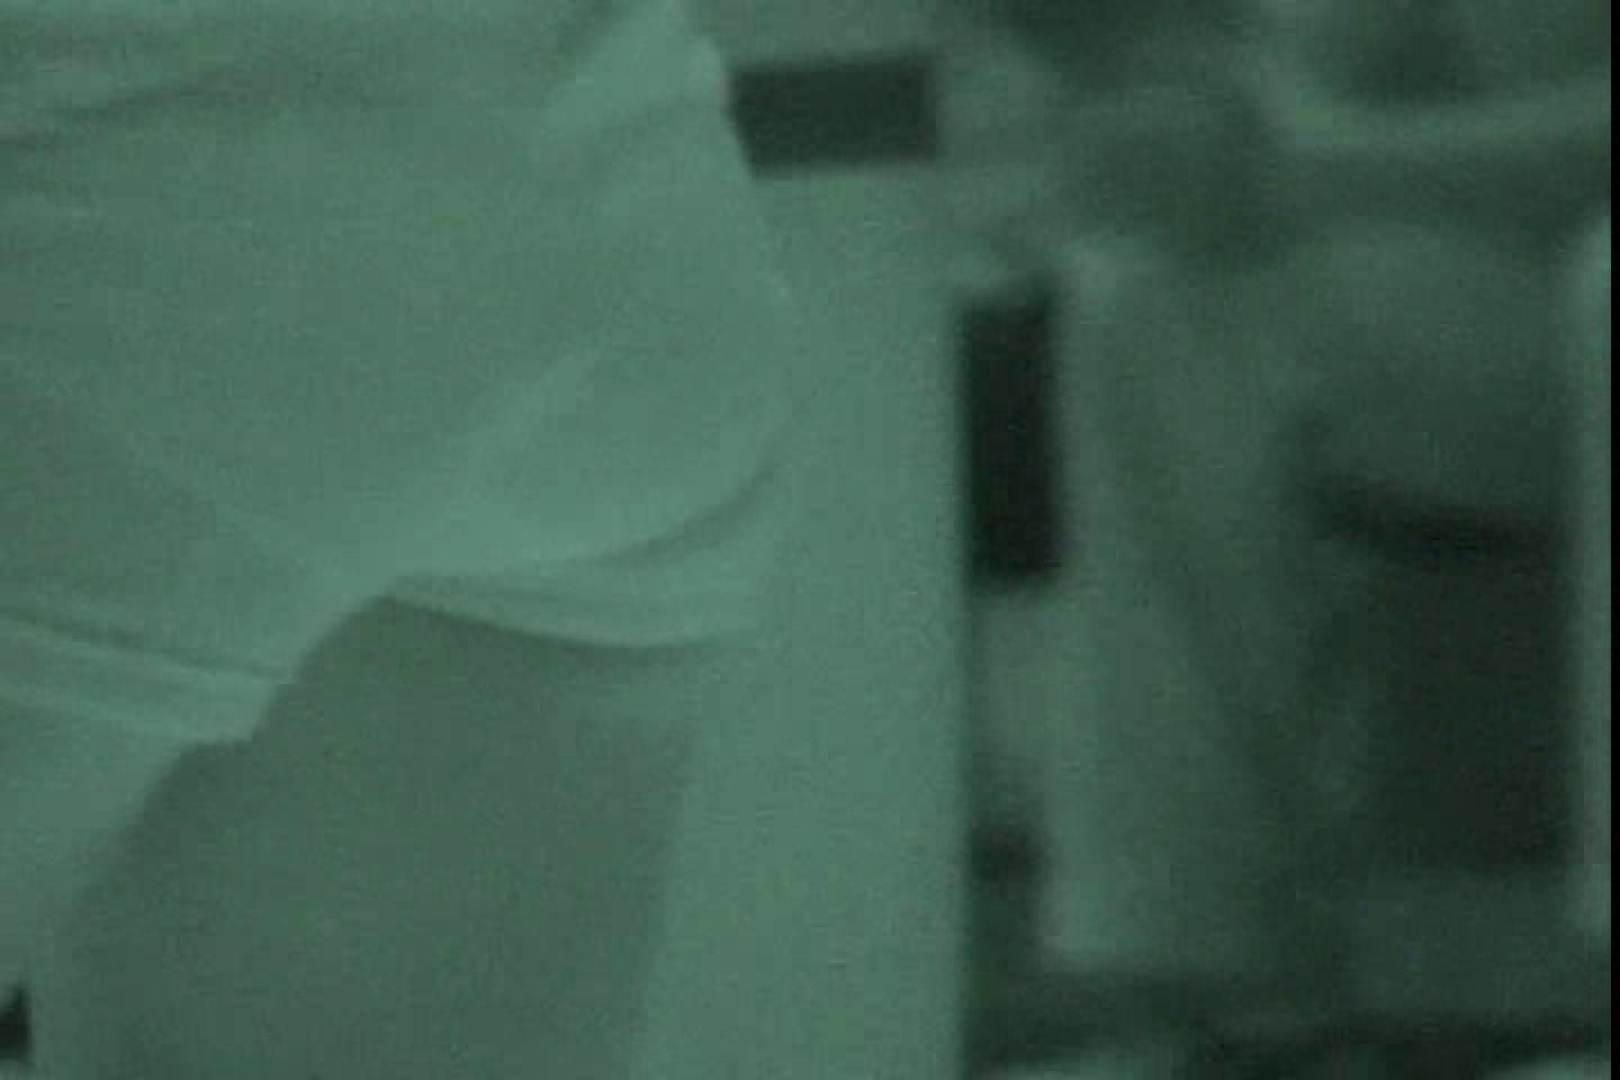 赤外線ムレスケバレー(汗) vol.05 赤外線 | 美しいOLの裸体  79pic 40